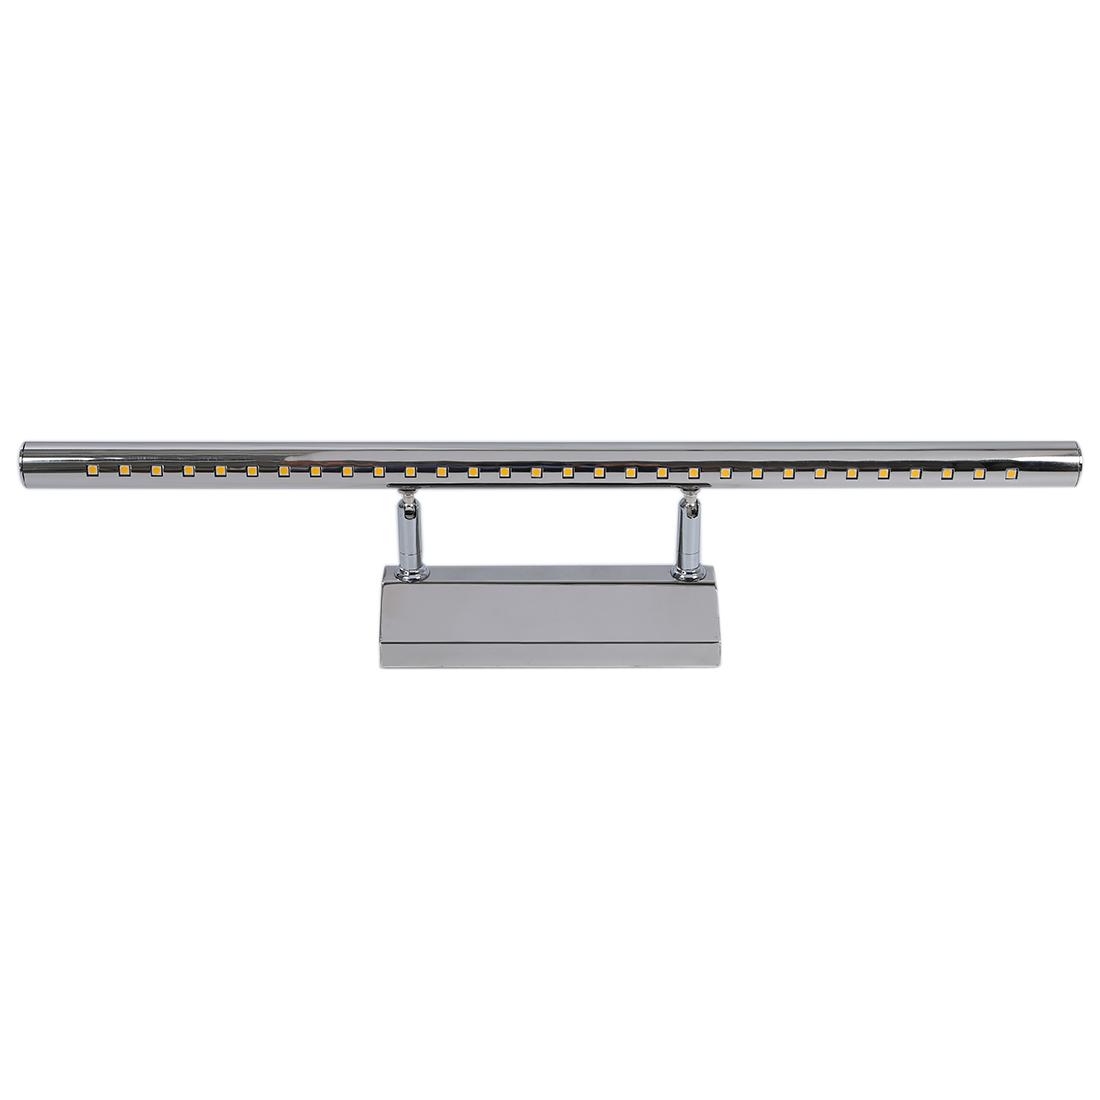 lampe pour salle de bain miroir meuble blanc chaud 7w 30 leds smd5050 480lm y1d1 ebay. Black Bedroom Furniture Sets. Home Design Ideas